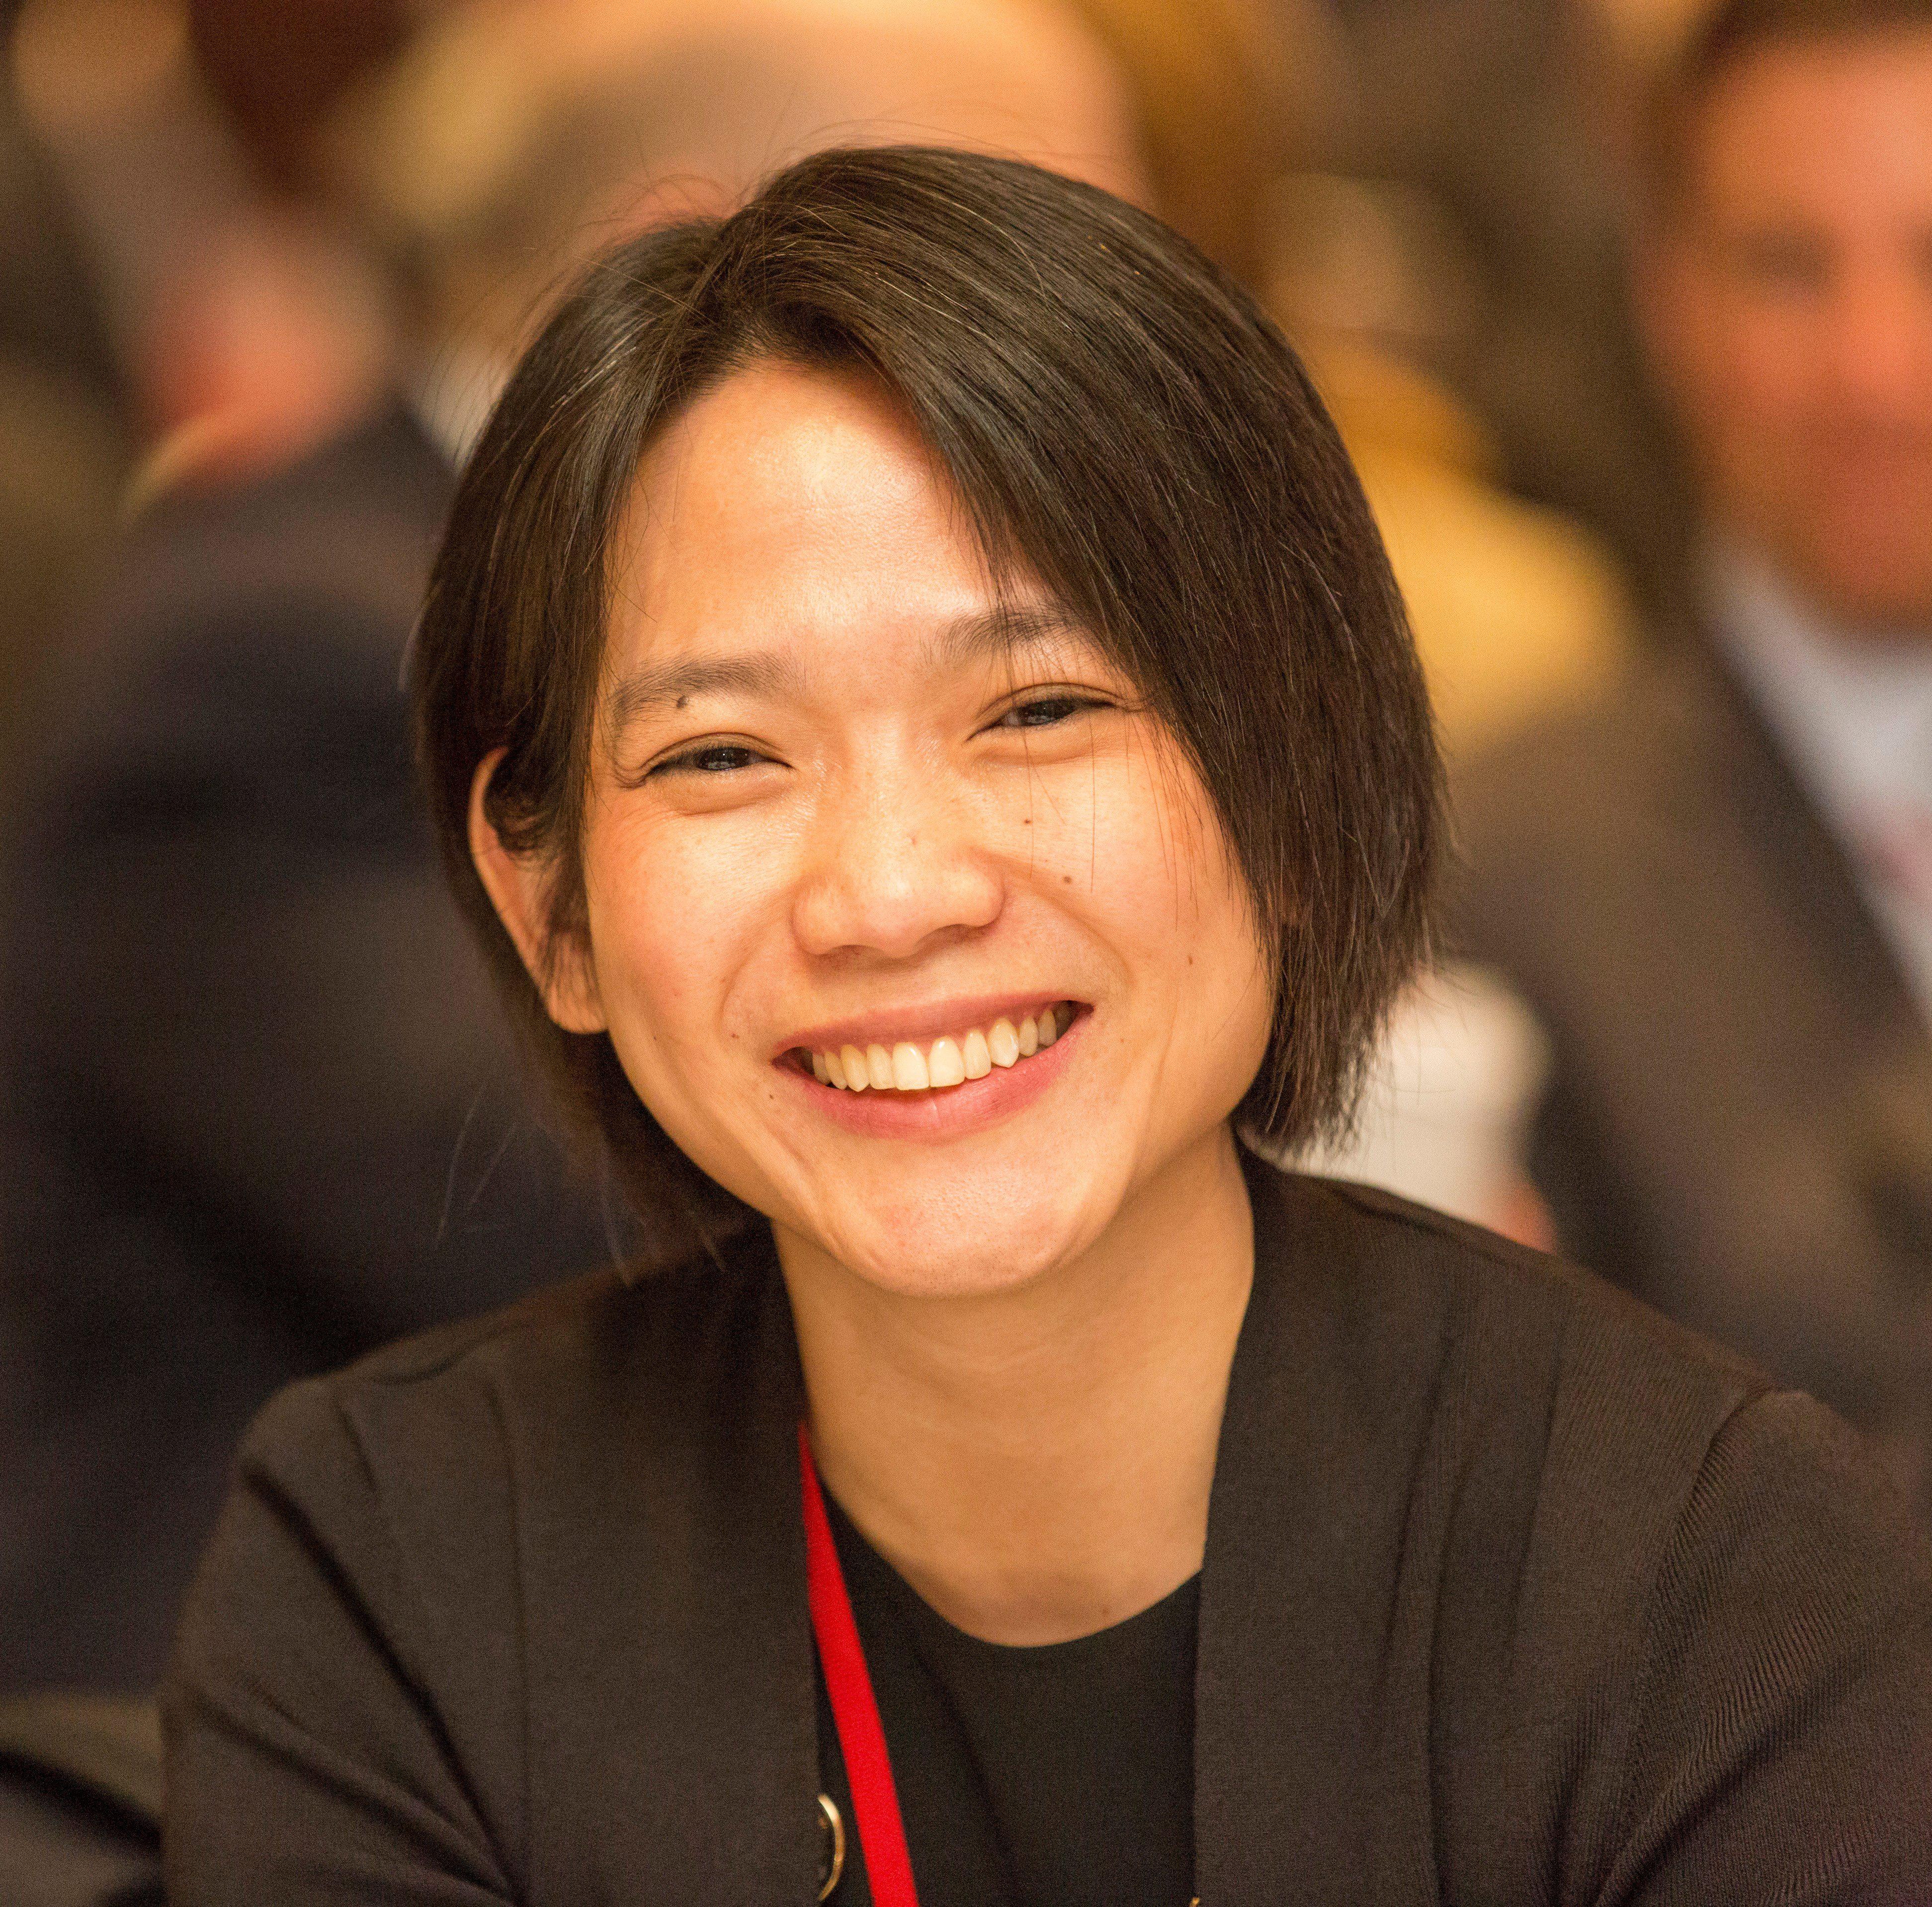 Maisy Wong